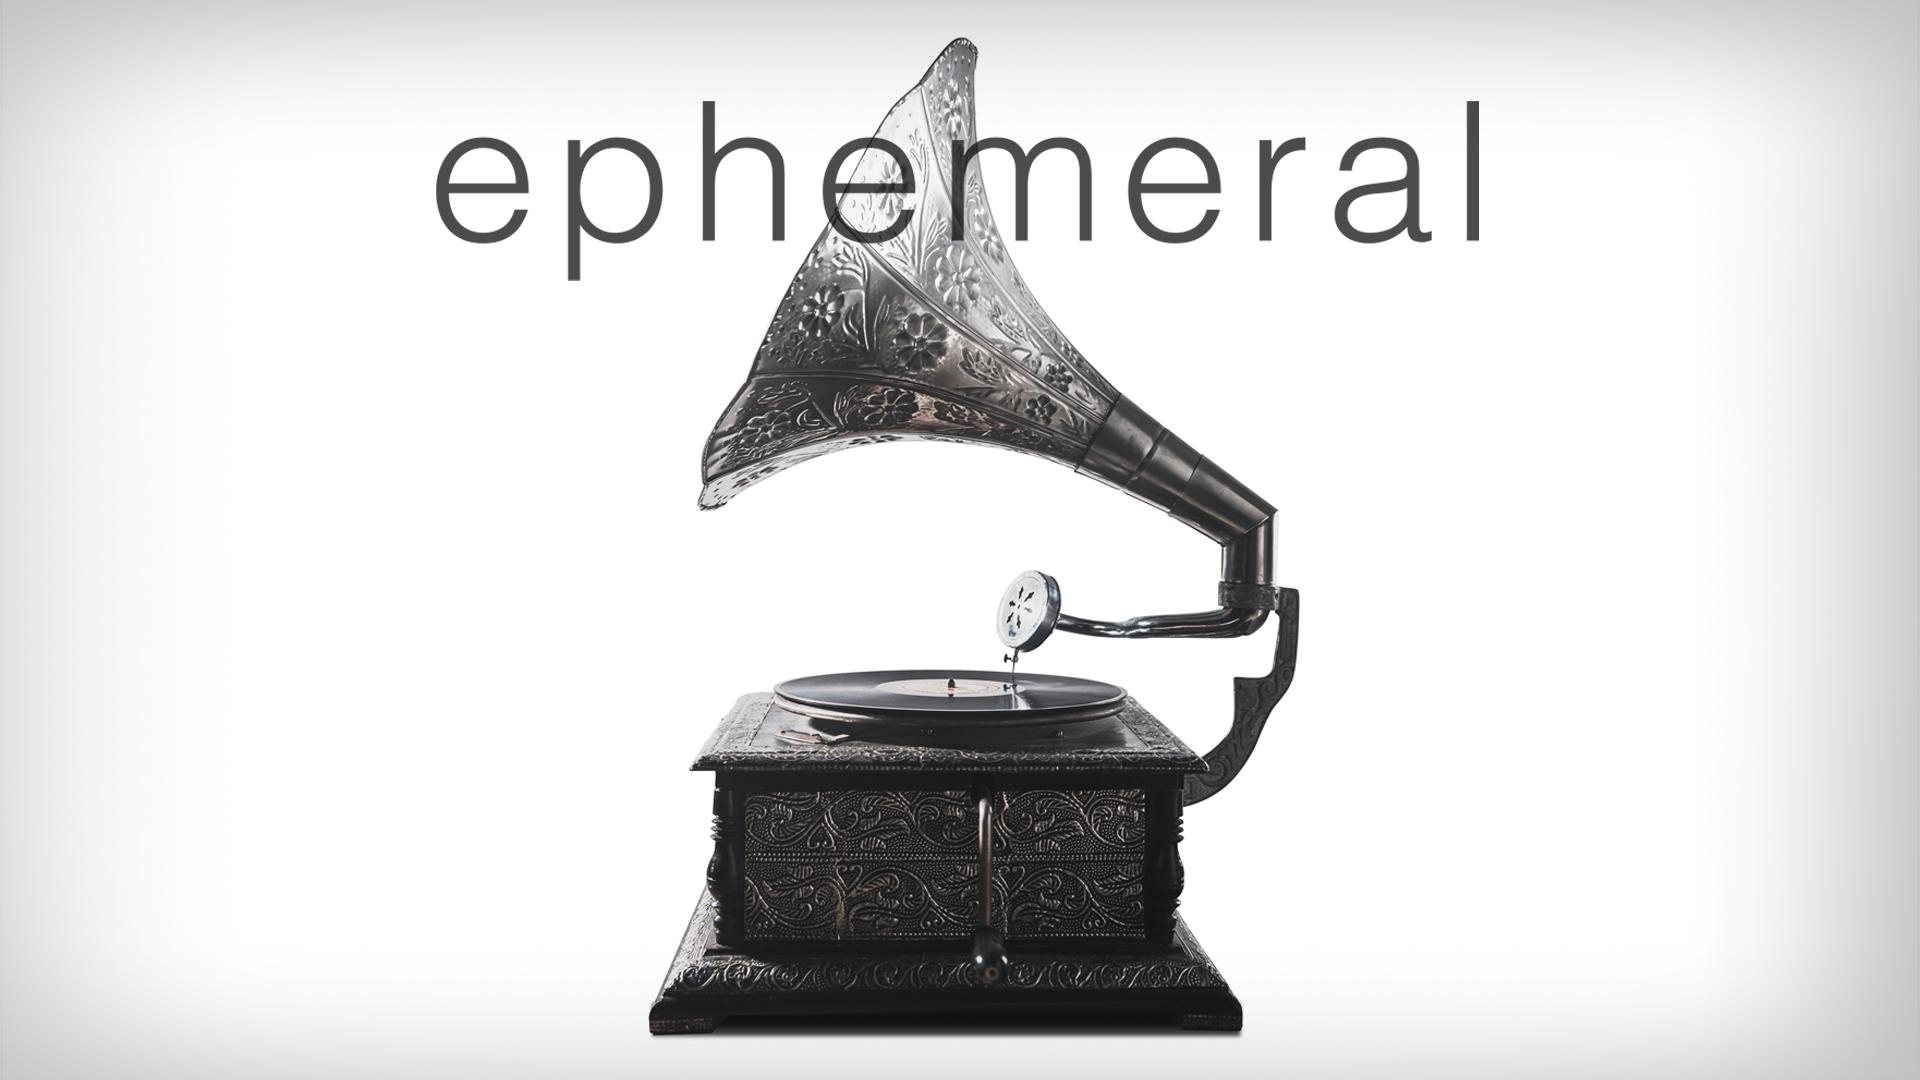 EphemeralLogo-FINAL-1920x1080.png